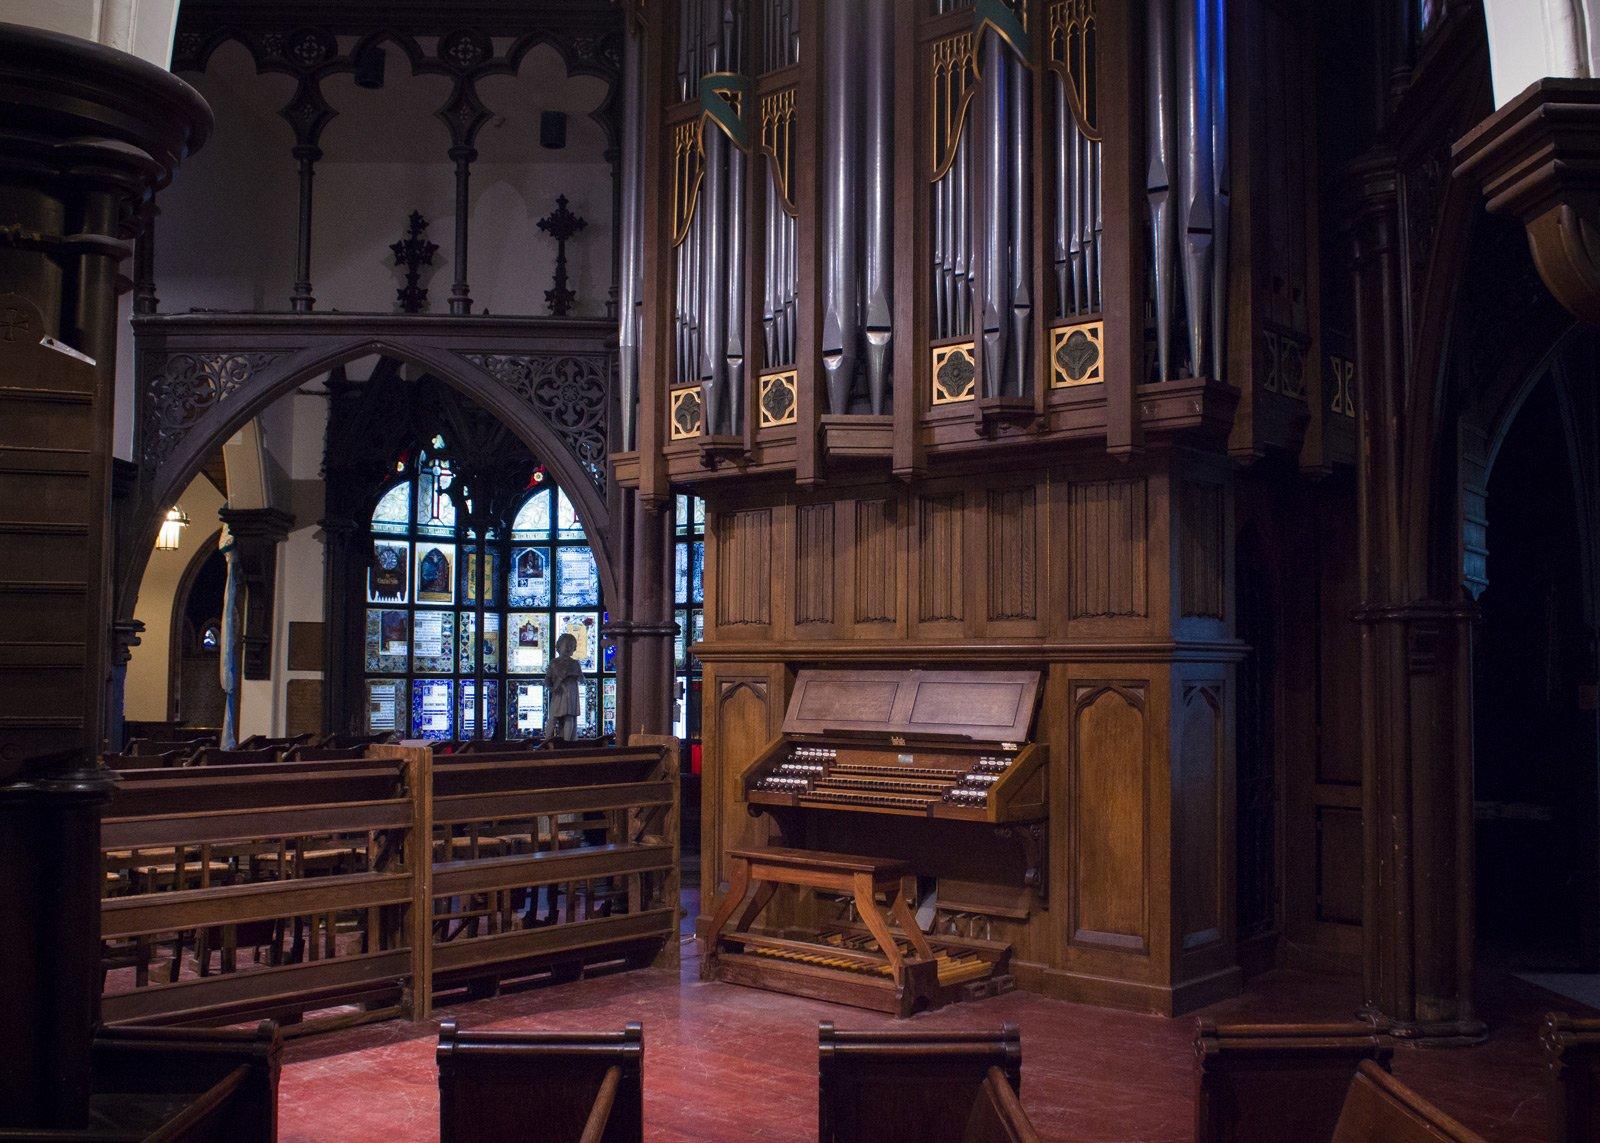 Photo 4_ The Arnold Schwartz Memorial Organ